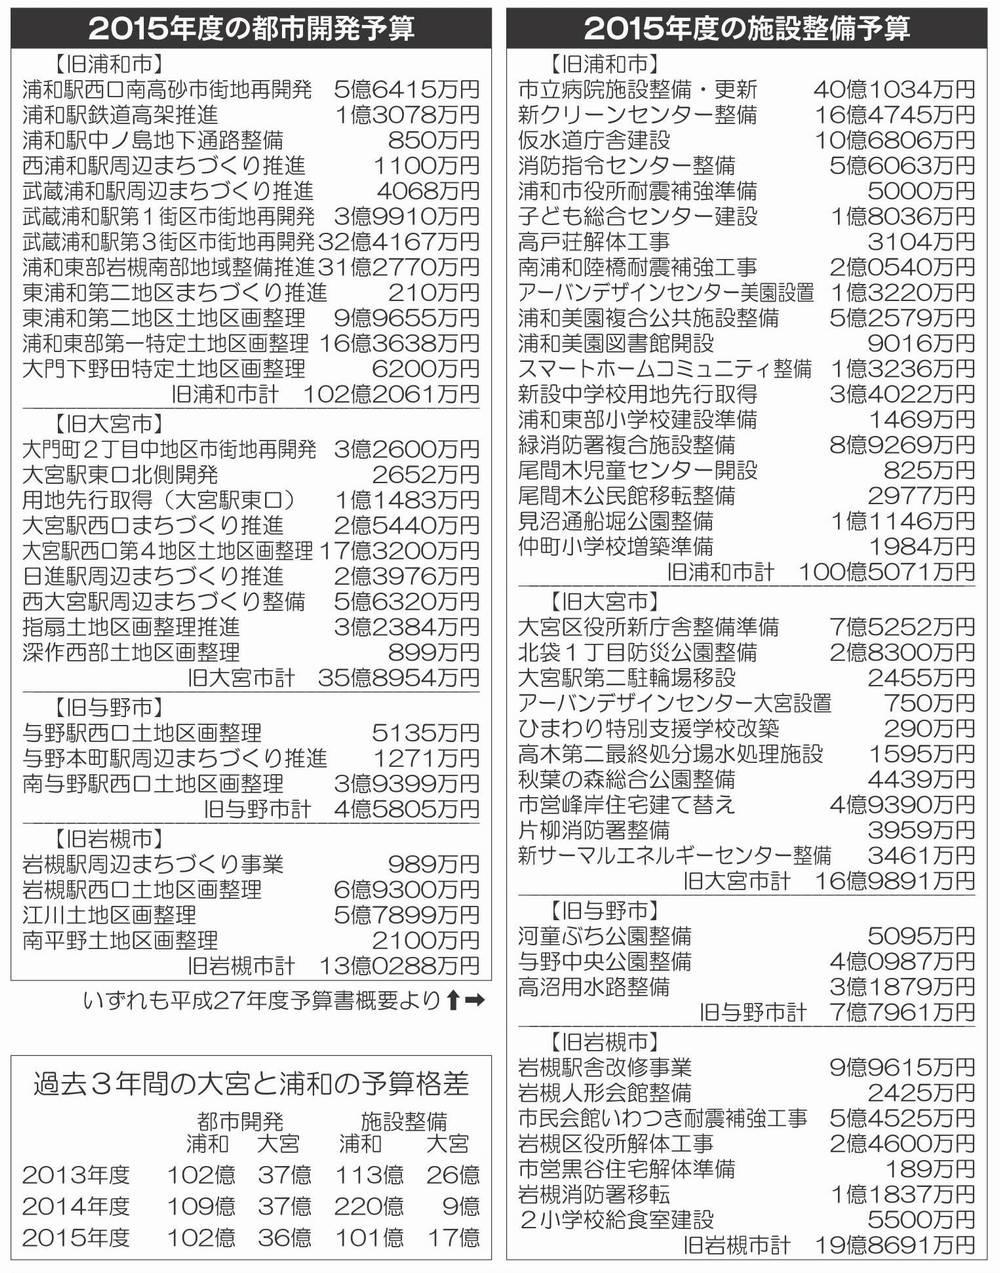 浦和と大宮の予算格差